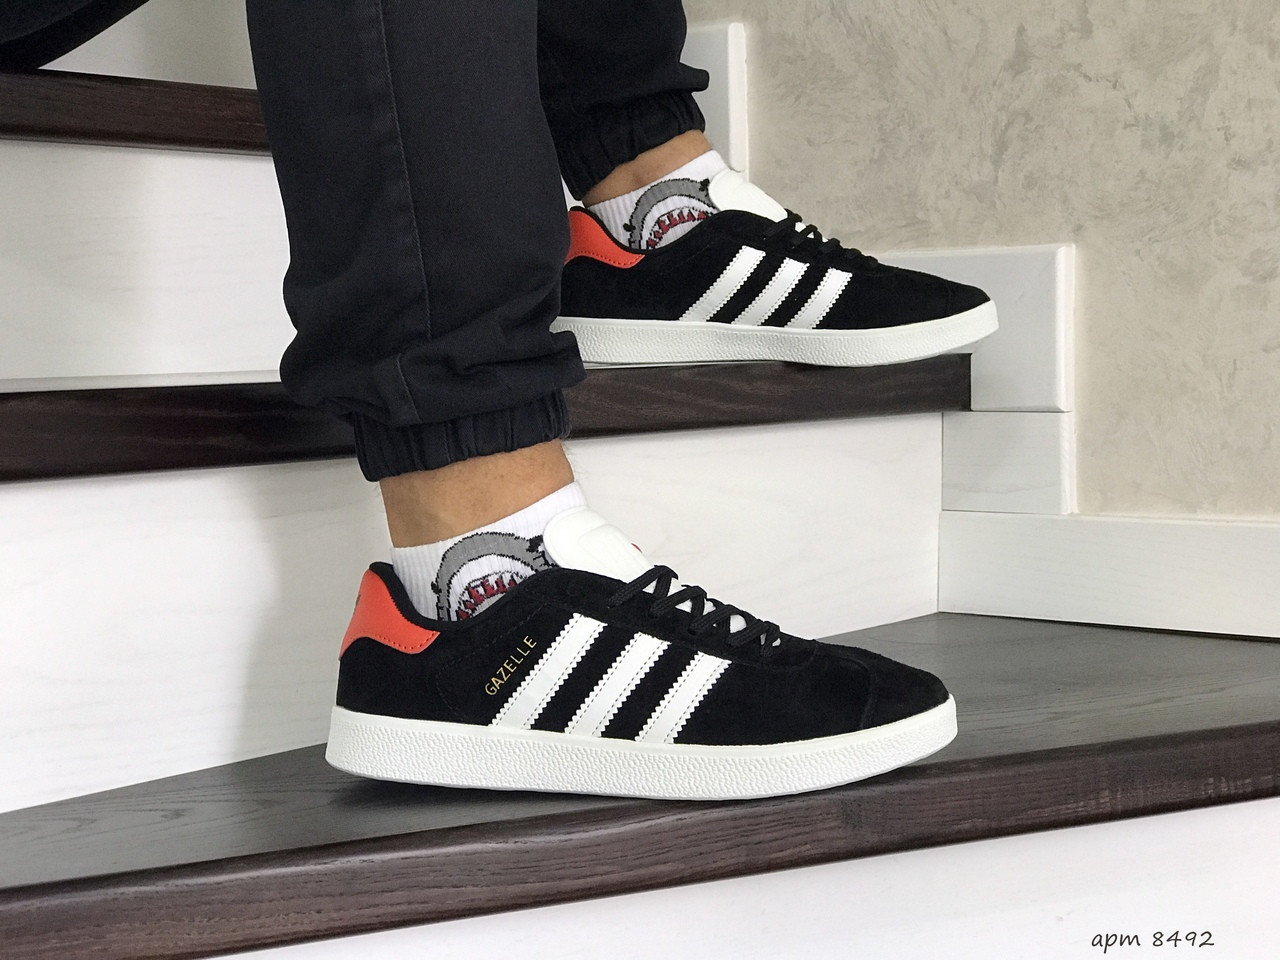 Чоловічі кросівки Adidas Gazelle (чорно-білі з помаранчевої п'ятою)